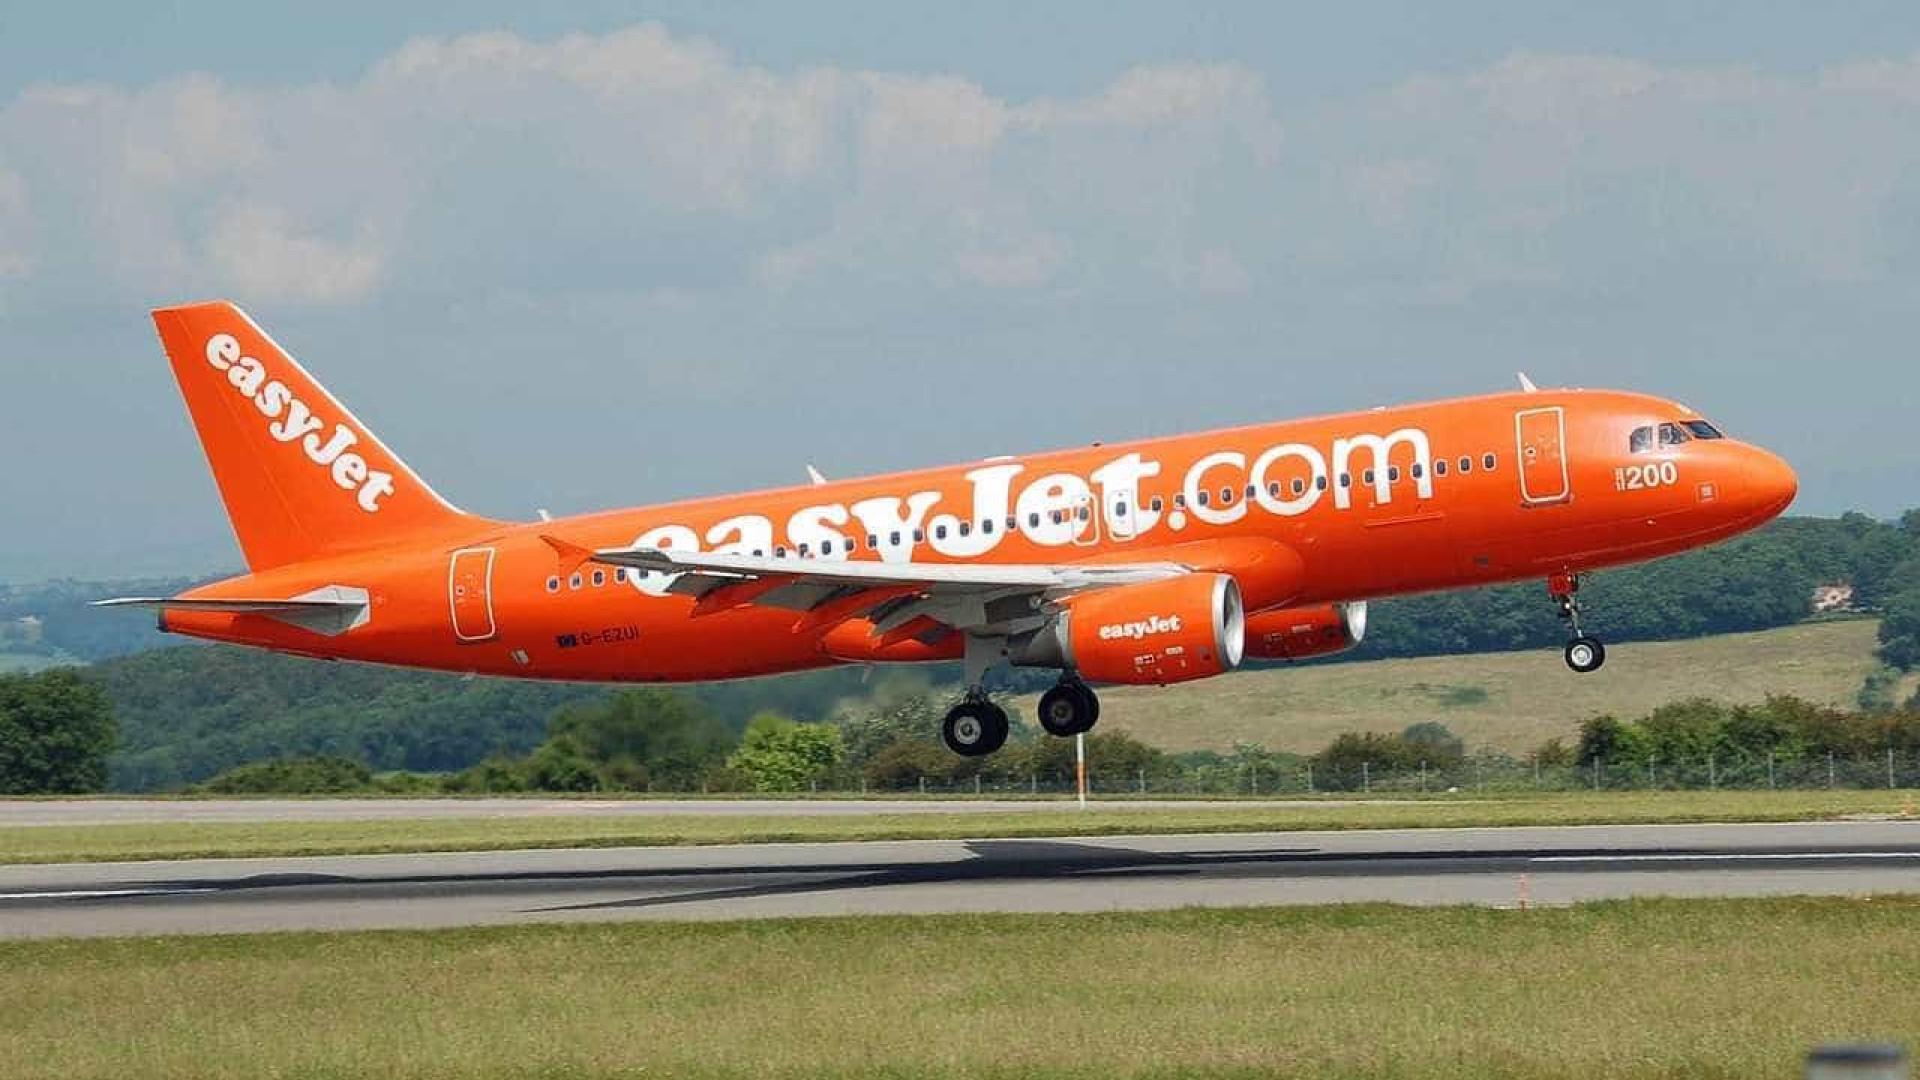 Receitas da easyJet subiram 14,4% por causa do aumento de passageiros